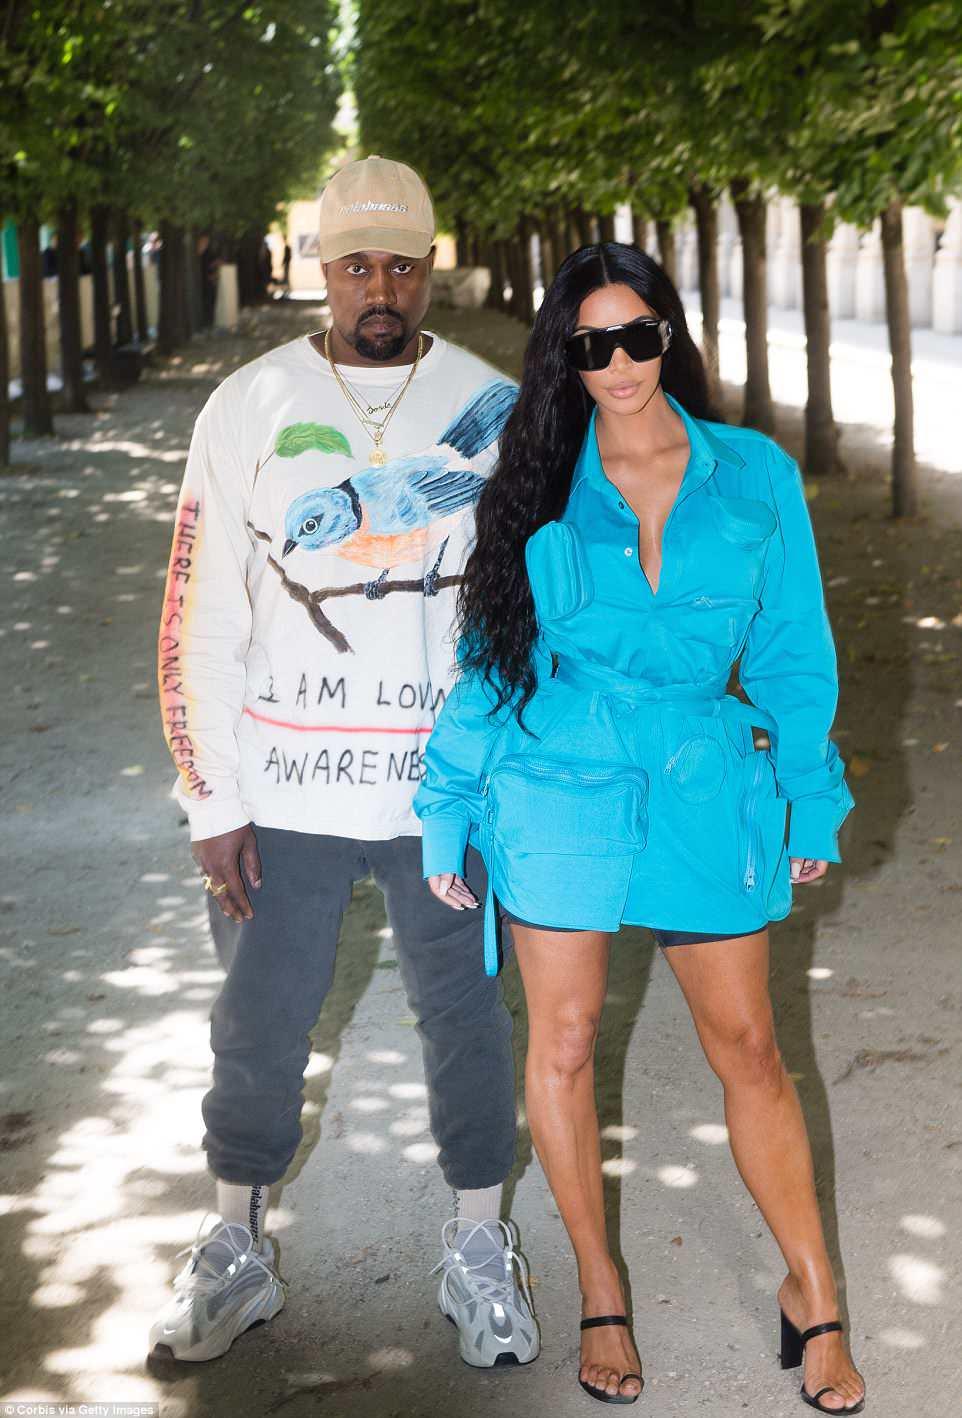 E posar: Eles estão na primeira fila e no centro dos maiores desfiles da temporada.  E Kim Kardashian e Kanye West fizeram uma tempestade em seu estilo de olhar para o desfile Louis Vuitton Menswear Spring / Summer 2019 em Paris na quinta-feira